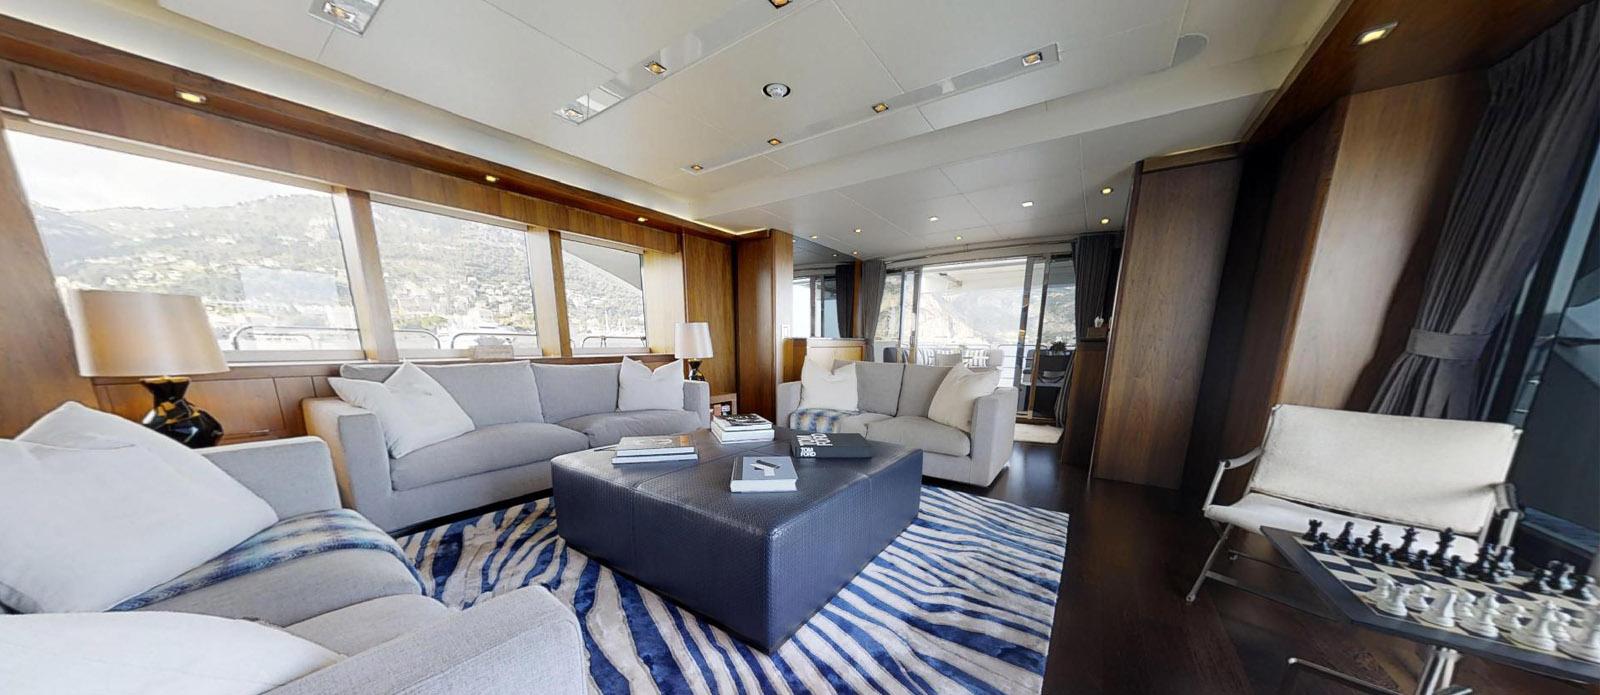 Sunseeker-115-Sport-Yacht-Zulu-Saloon